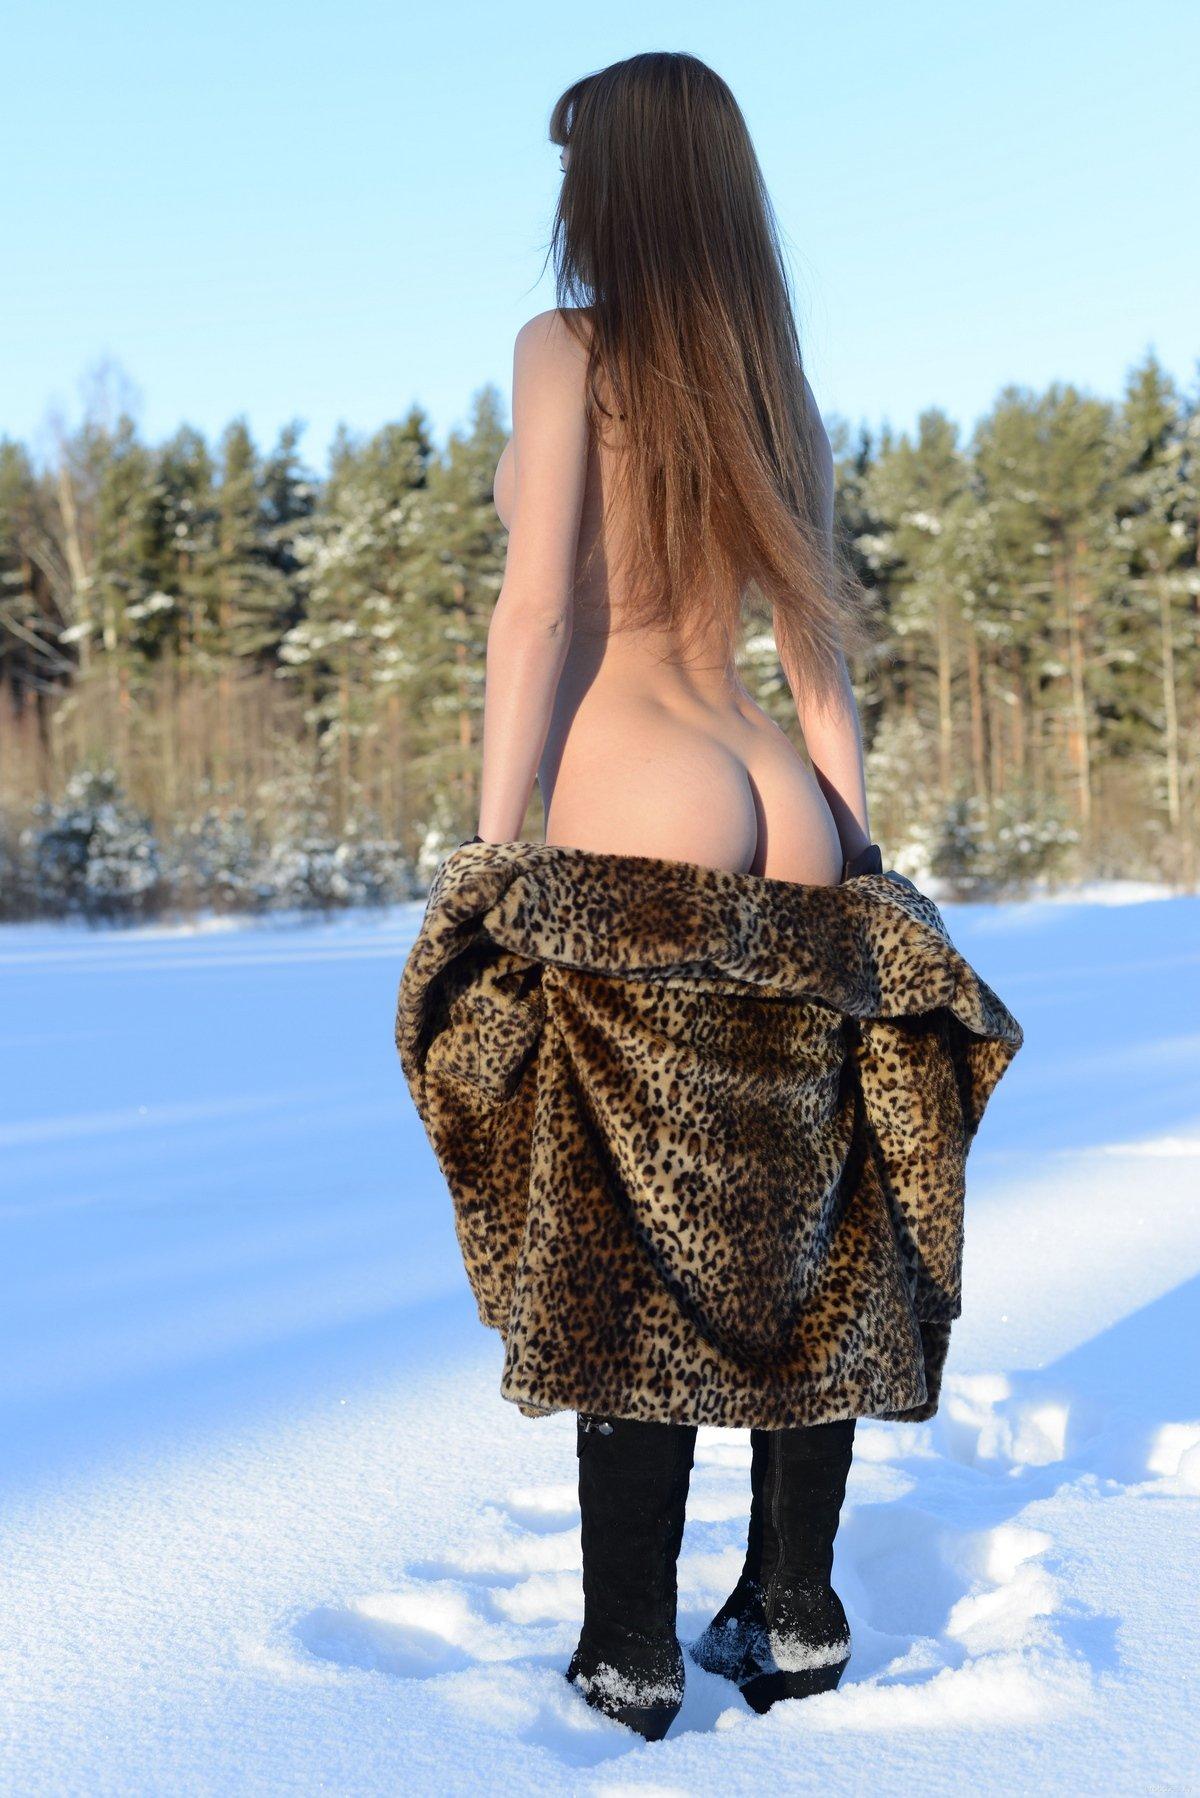 Рыжая в шубке на нагие дойки гуляет в снежном лесу секс фото